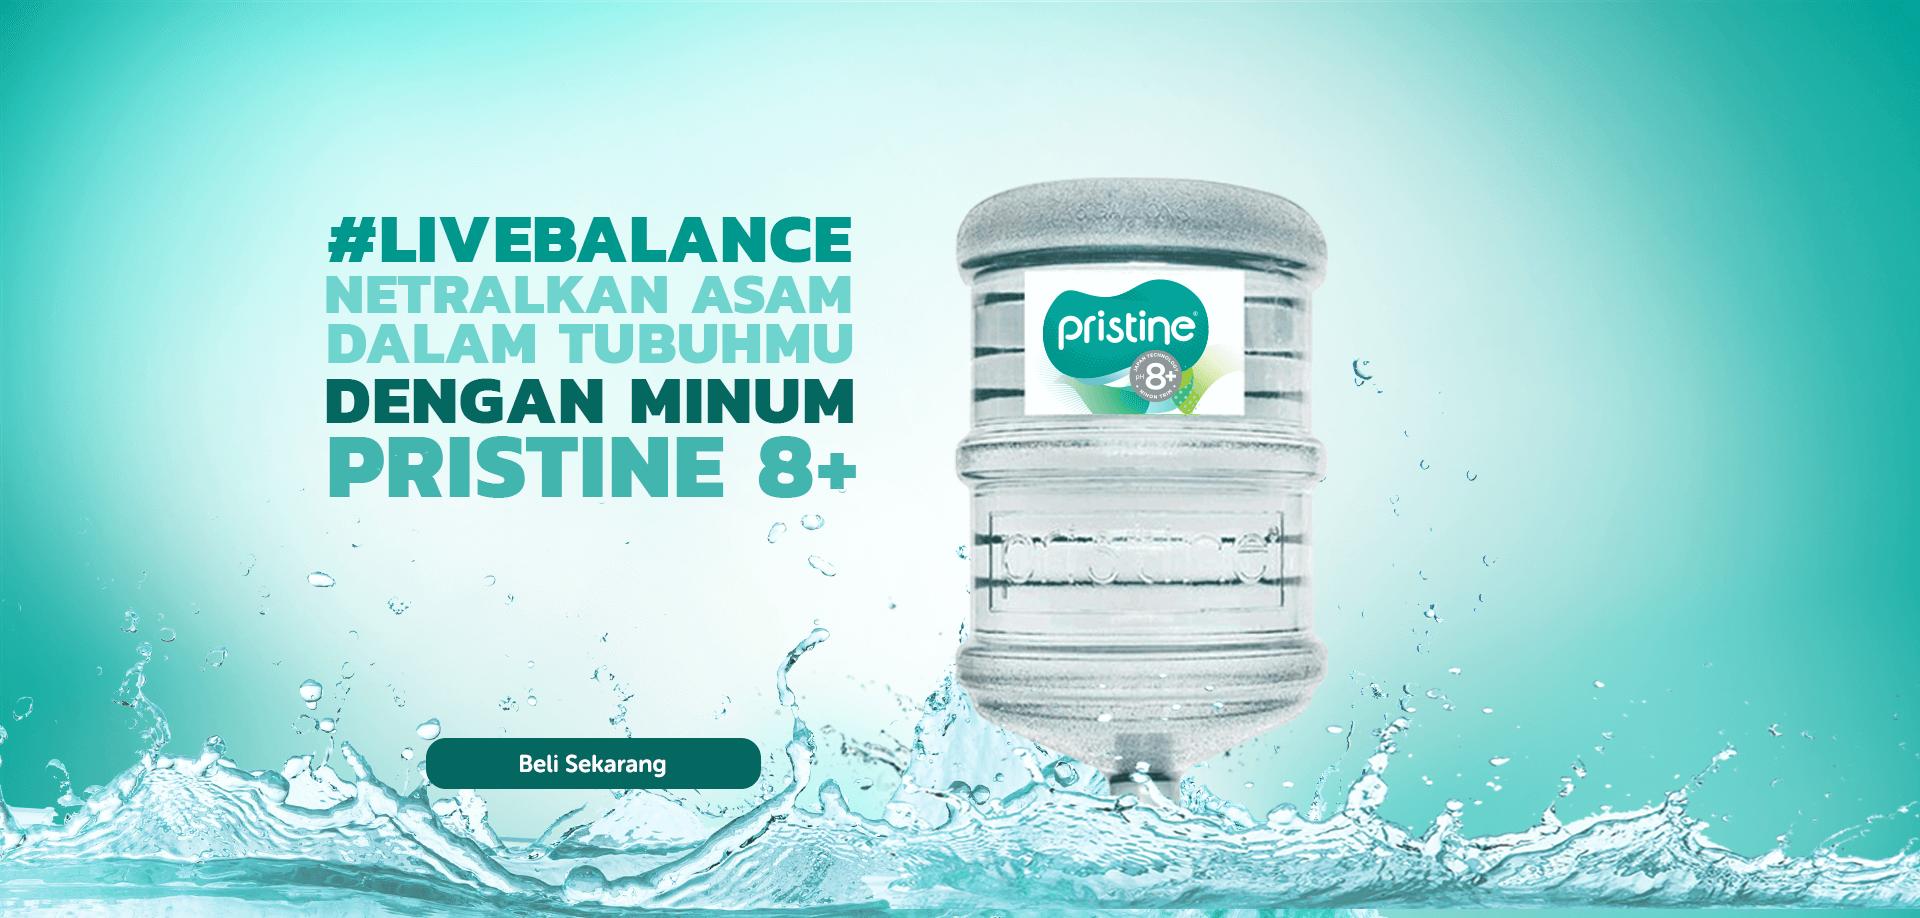 Pristine 8+ Banner 2